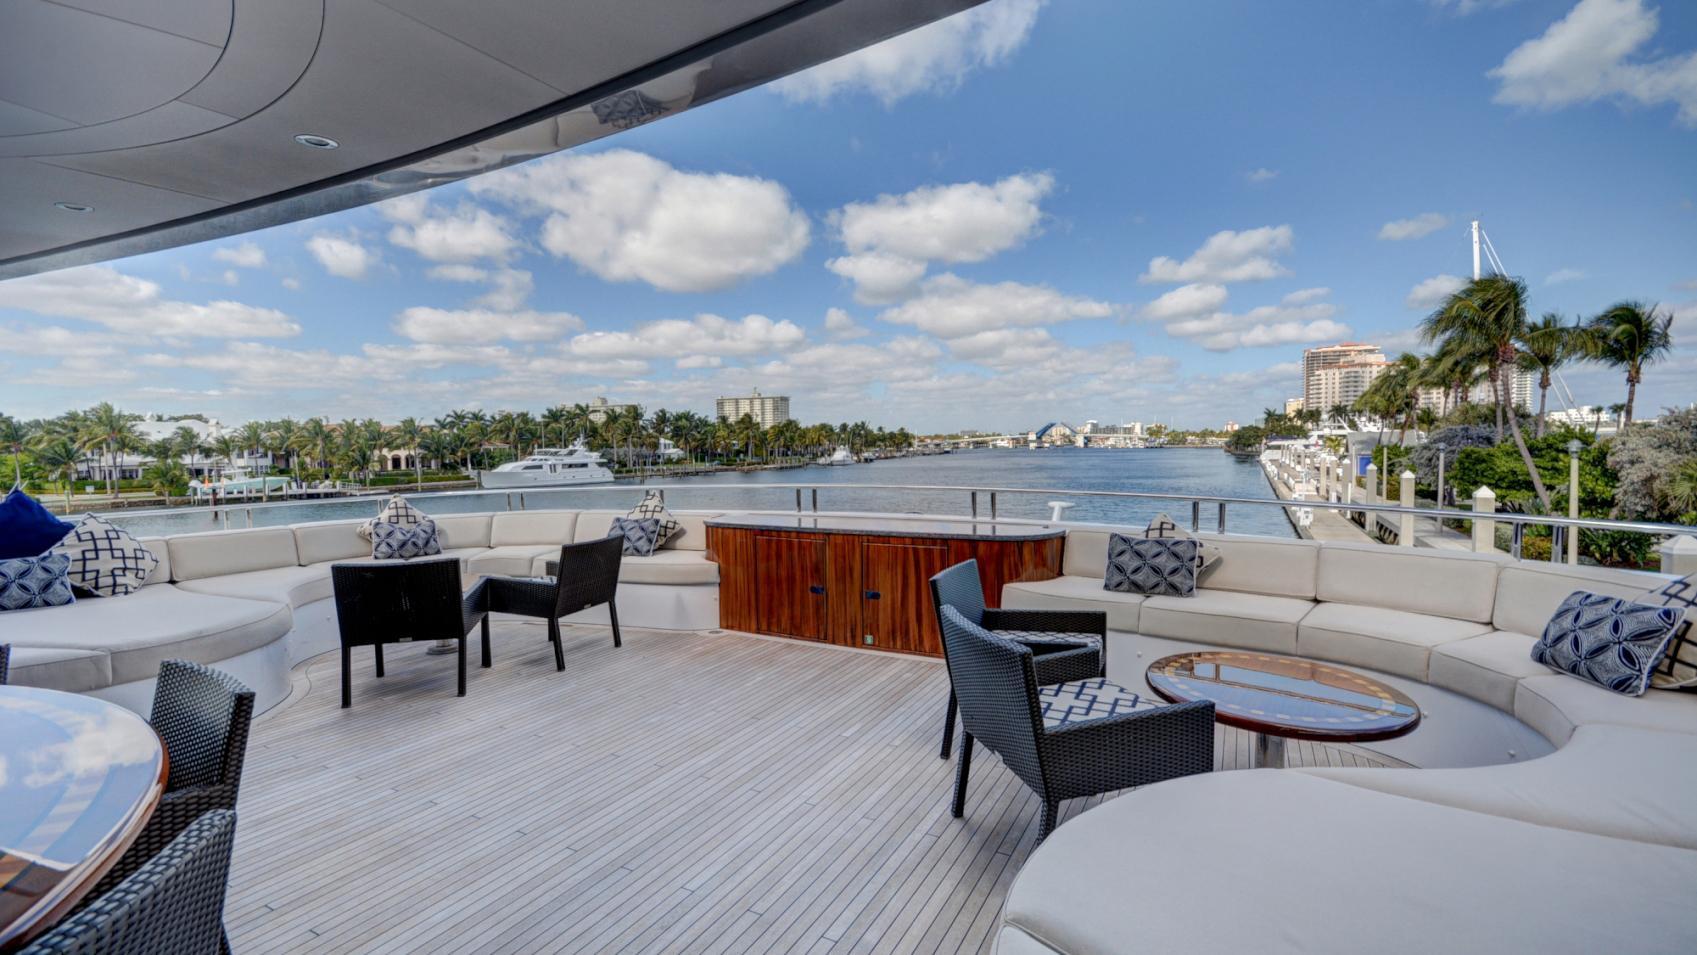 soverign motor yacht for sale aft